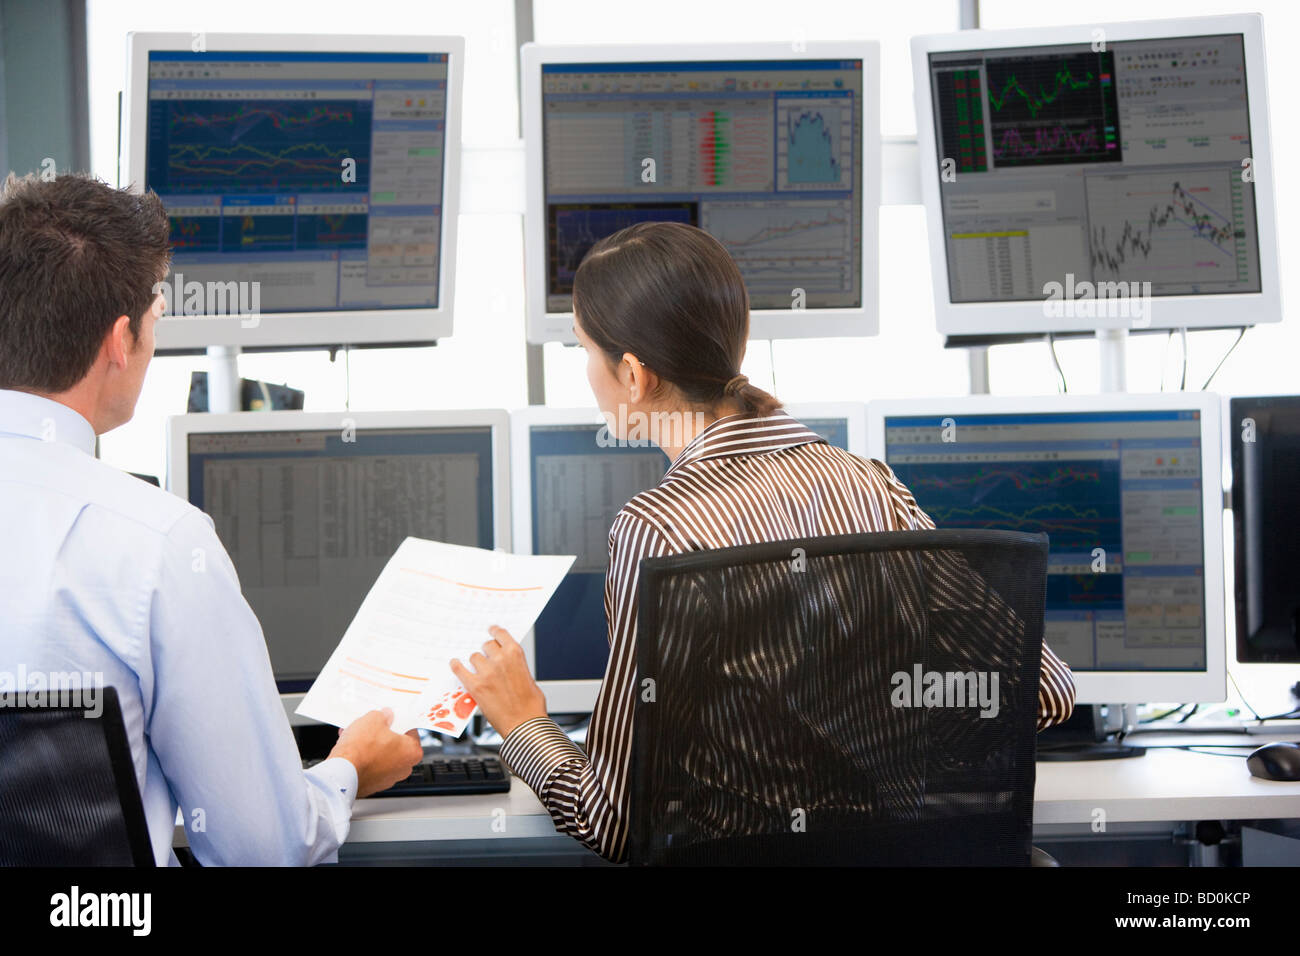 Stock Traders Visualización de monitores Imagen De Stock